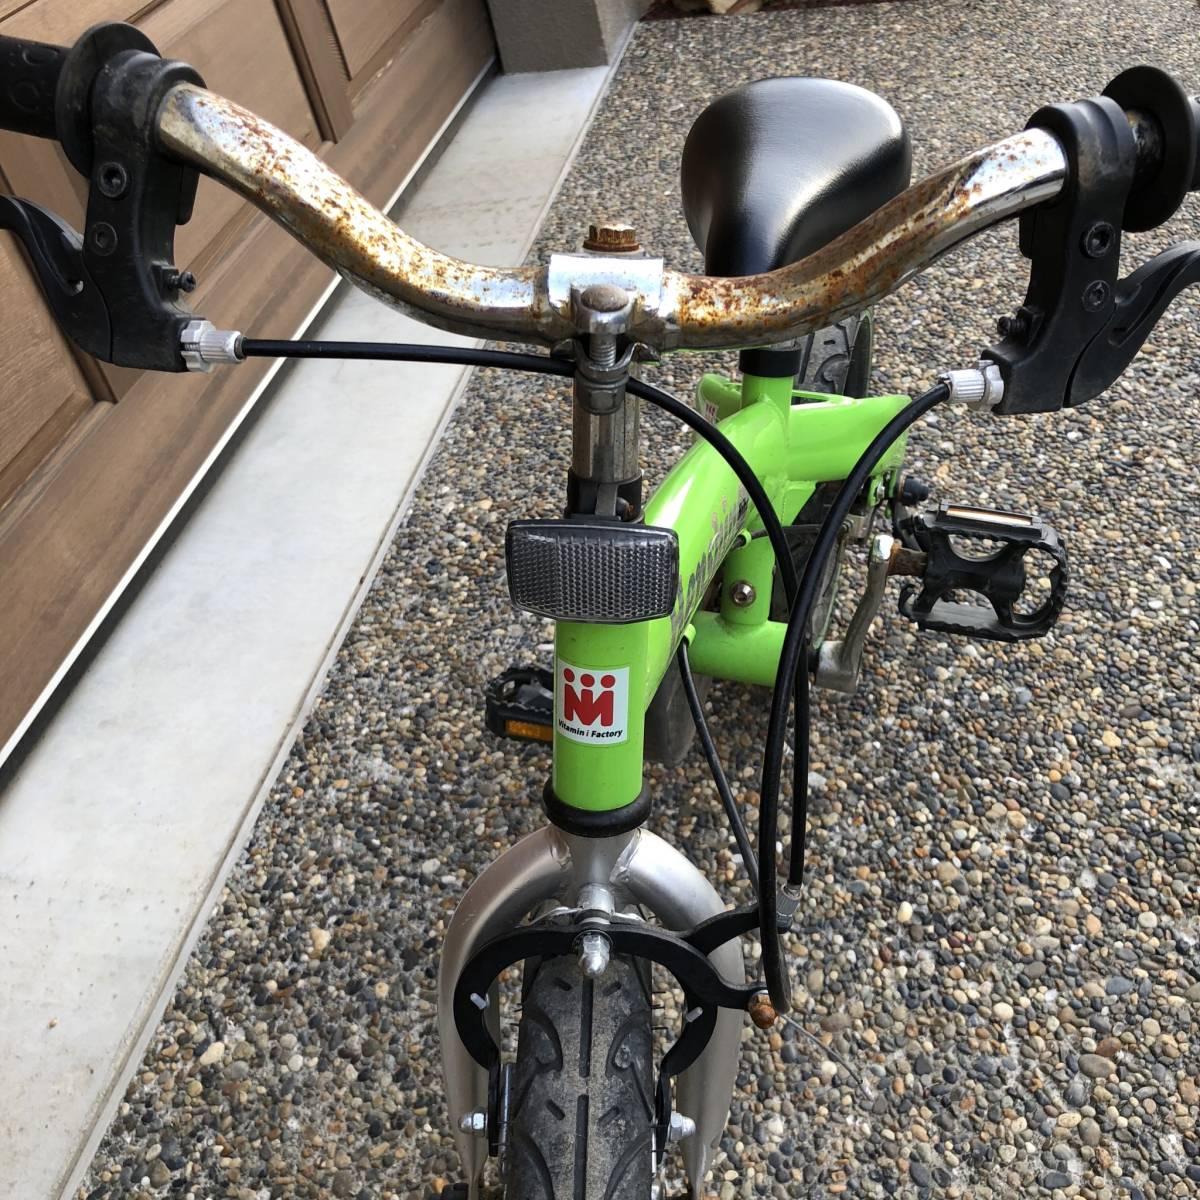 一台ニ役 へんしんバイク グリーン キックスクーター バランスバイク ストライダー好きな方必見_画像3